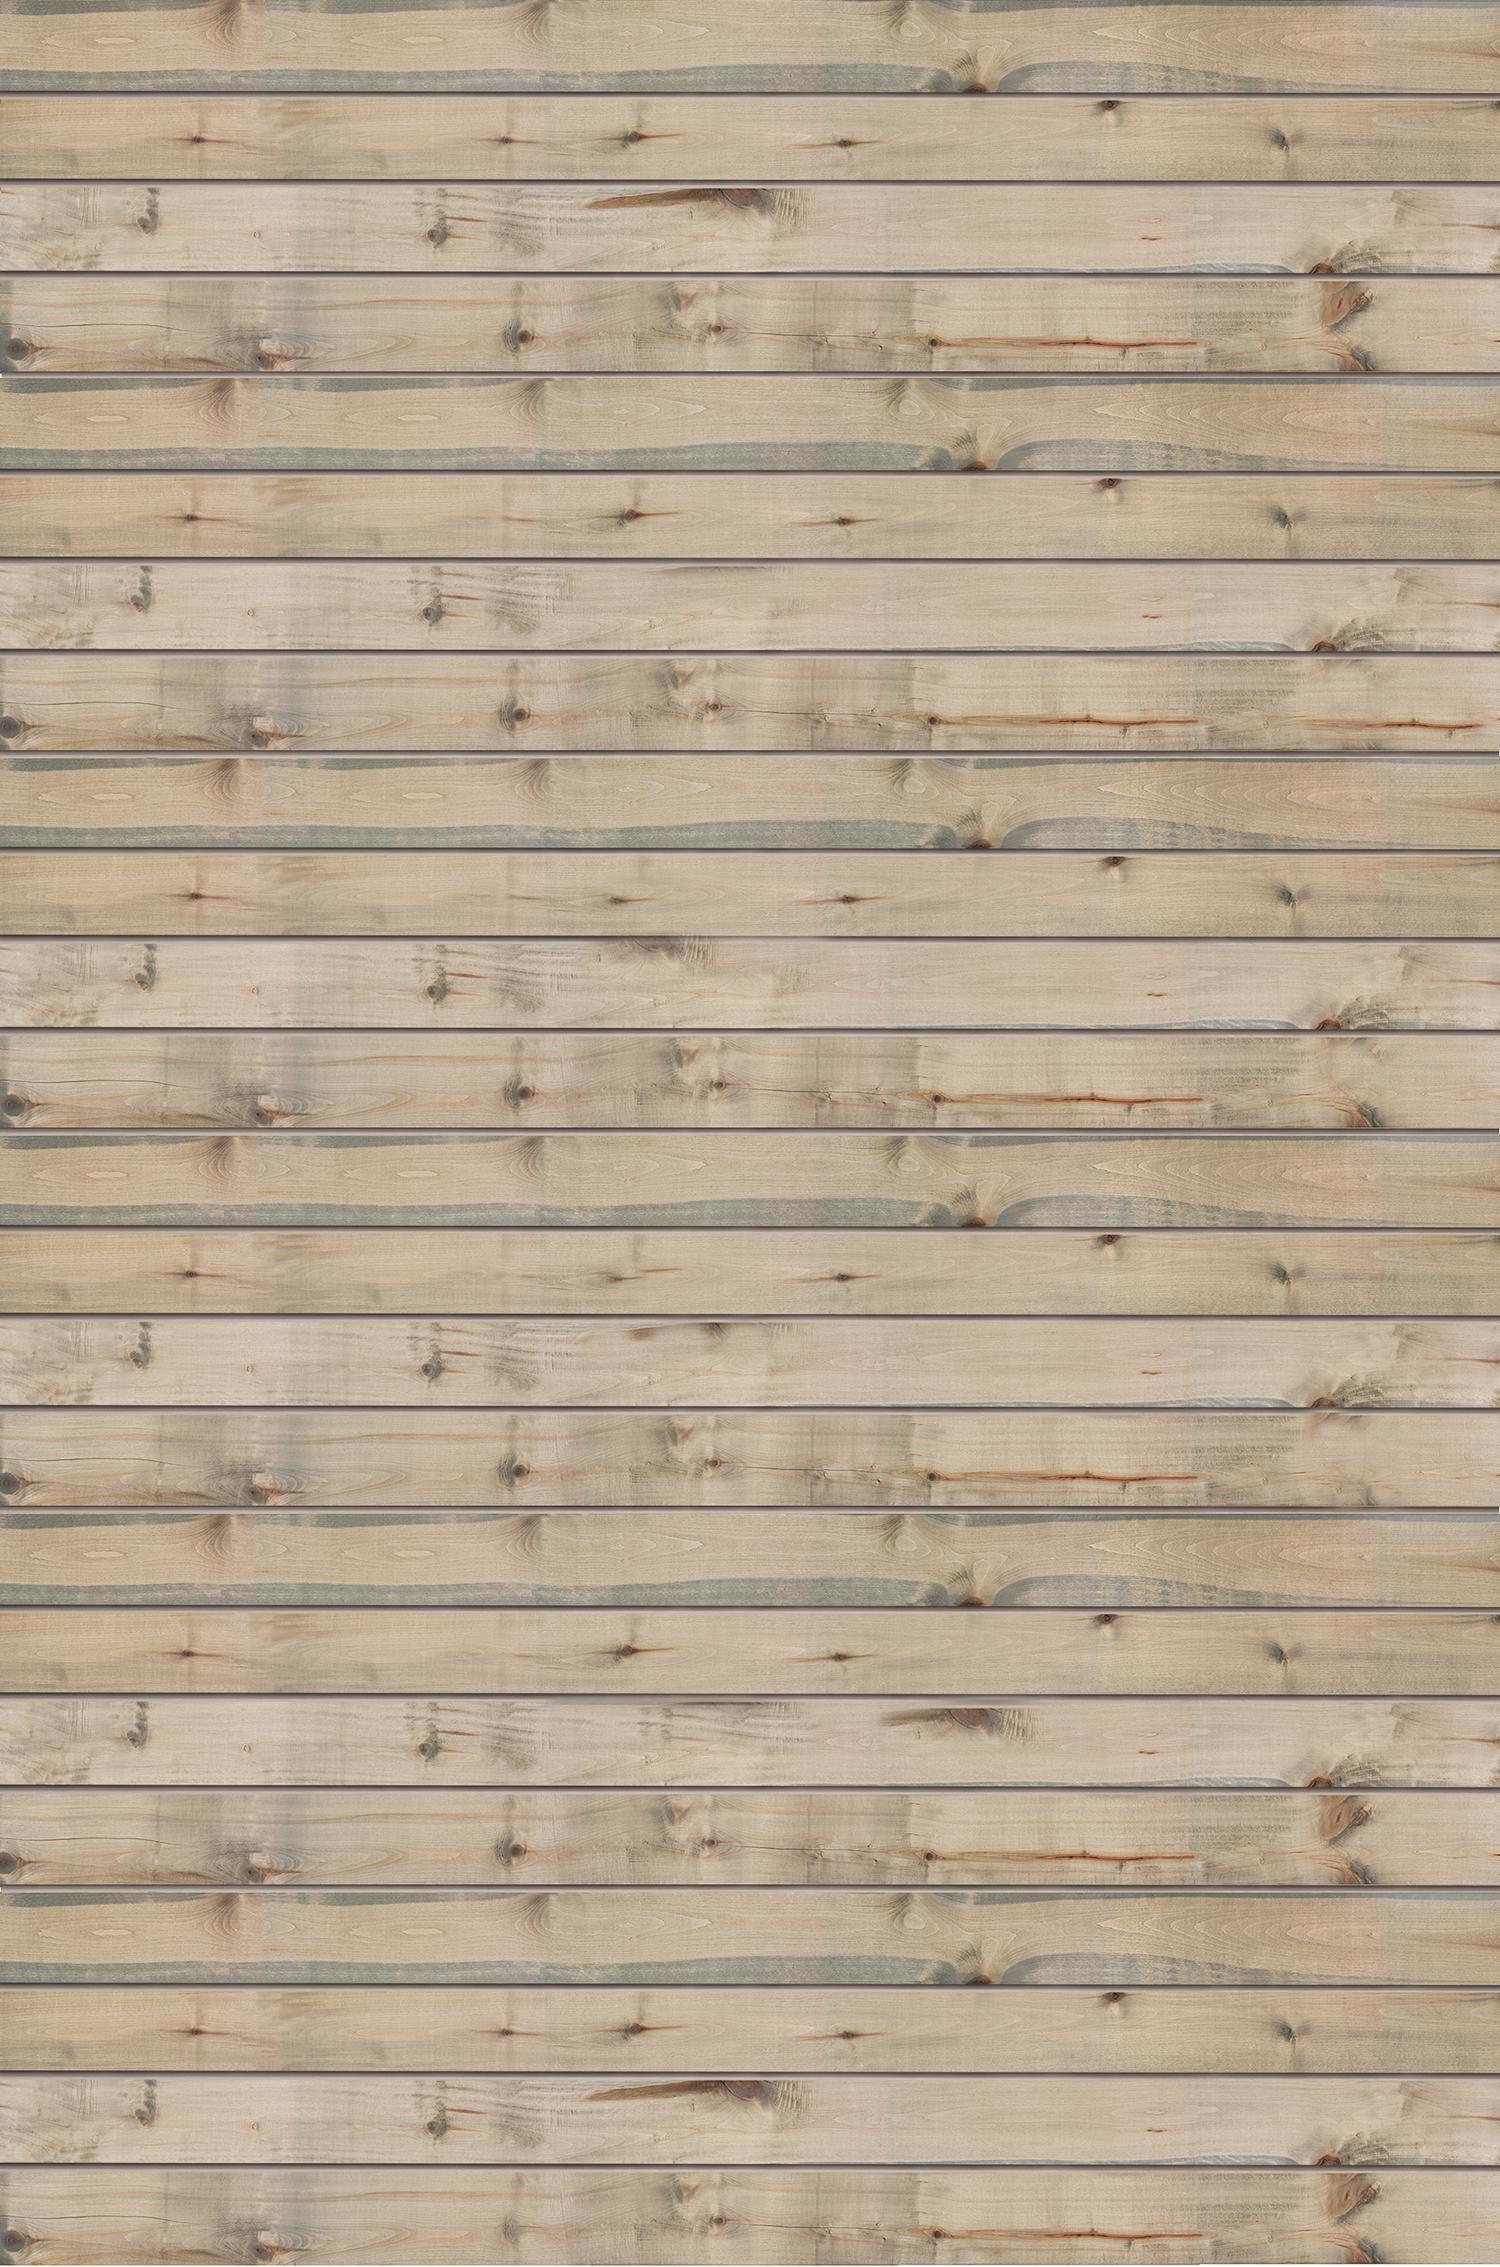 Driftwood wall.jpg